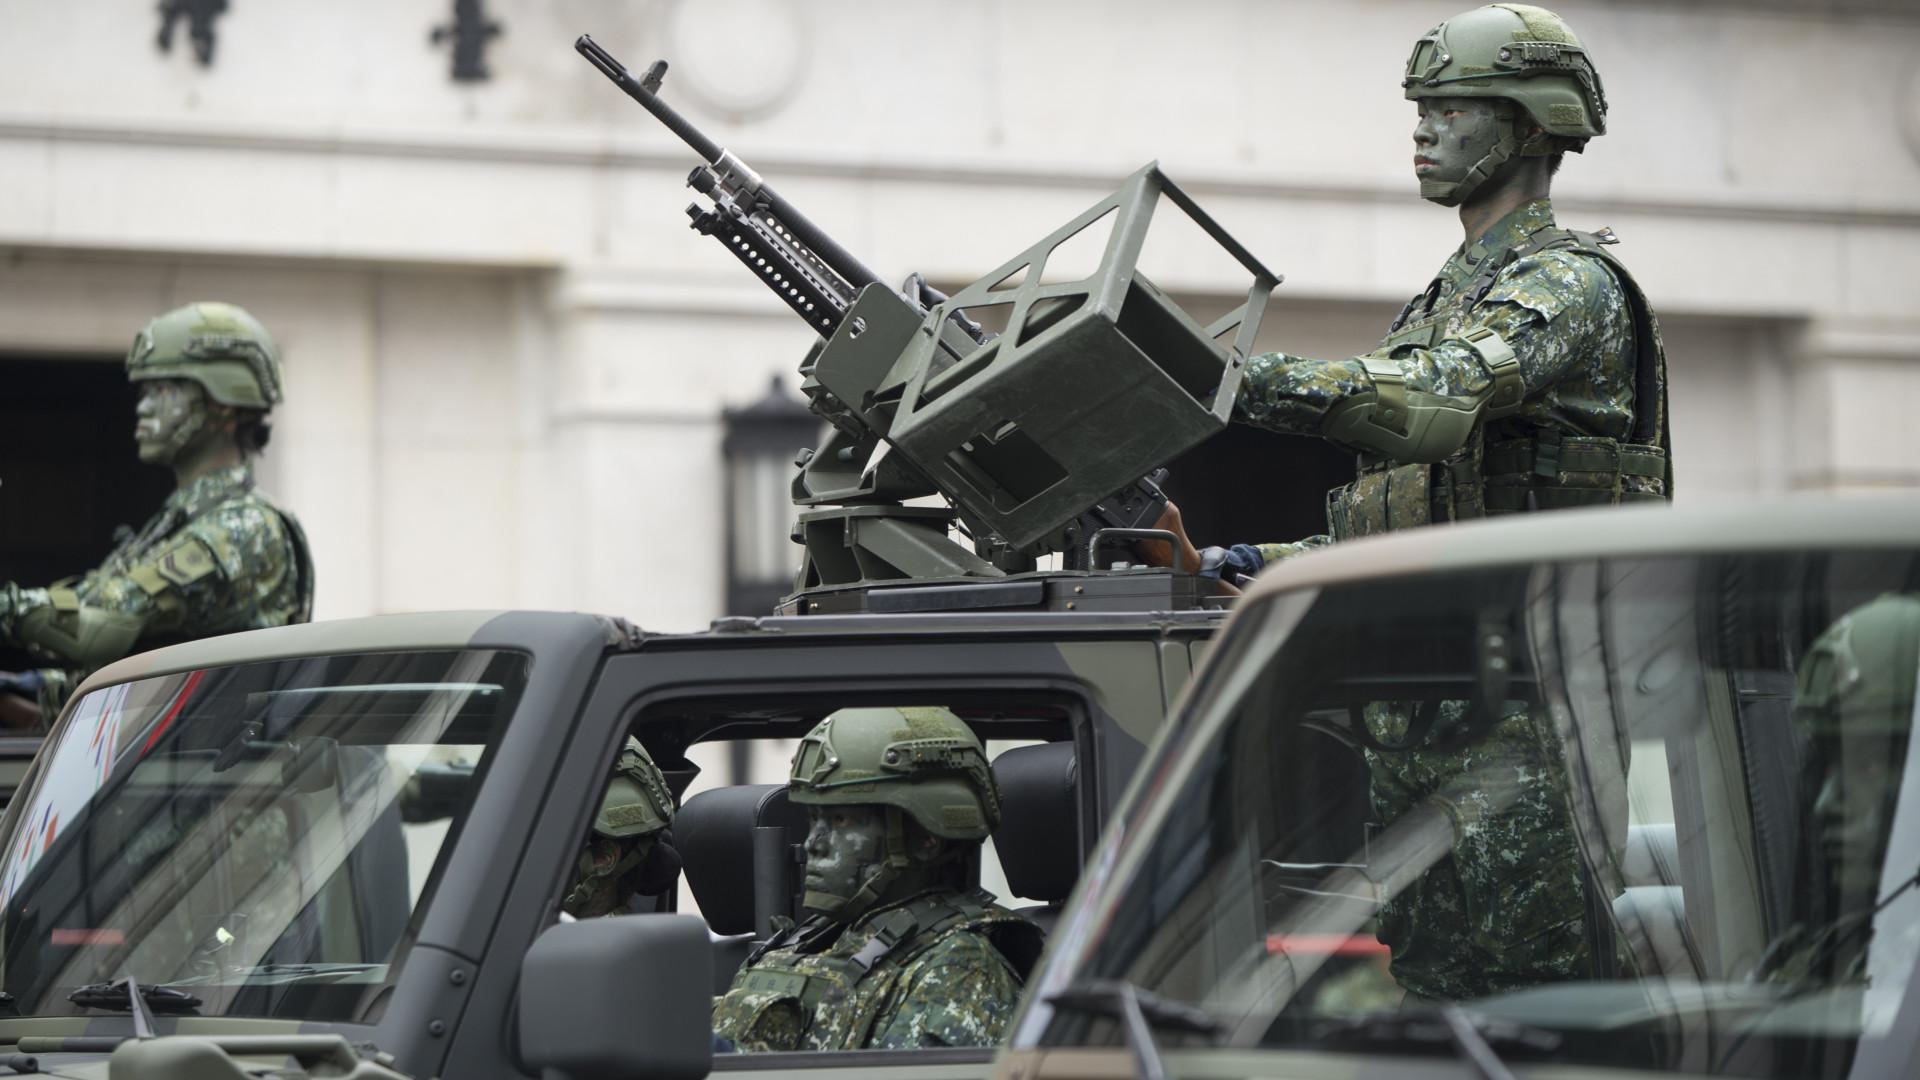 Háborúra készül Kína? A szomszédban már öntik a pénzt a fegyverekbe